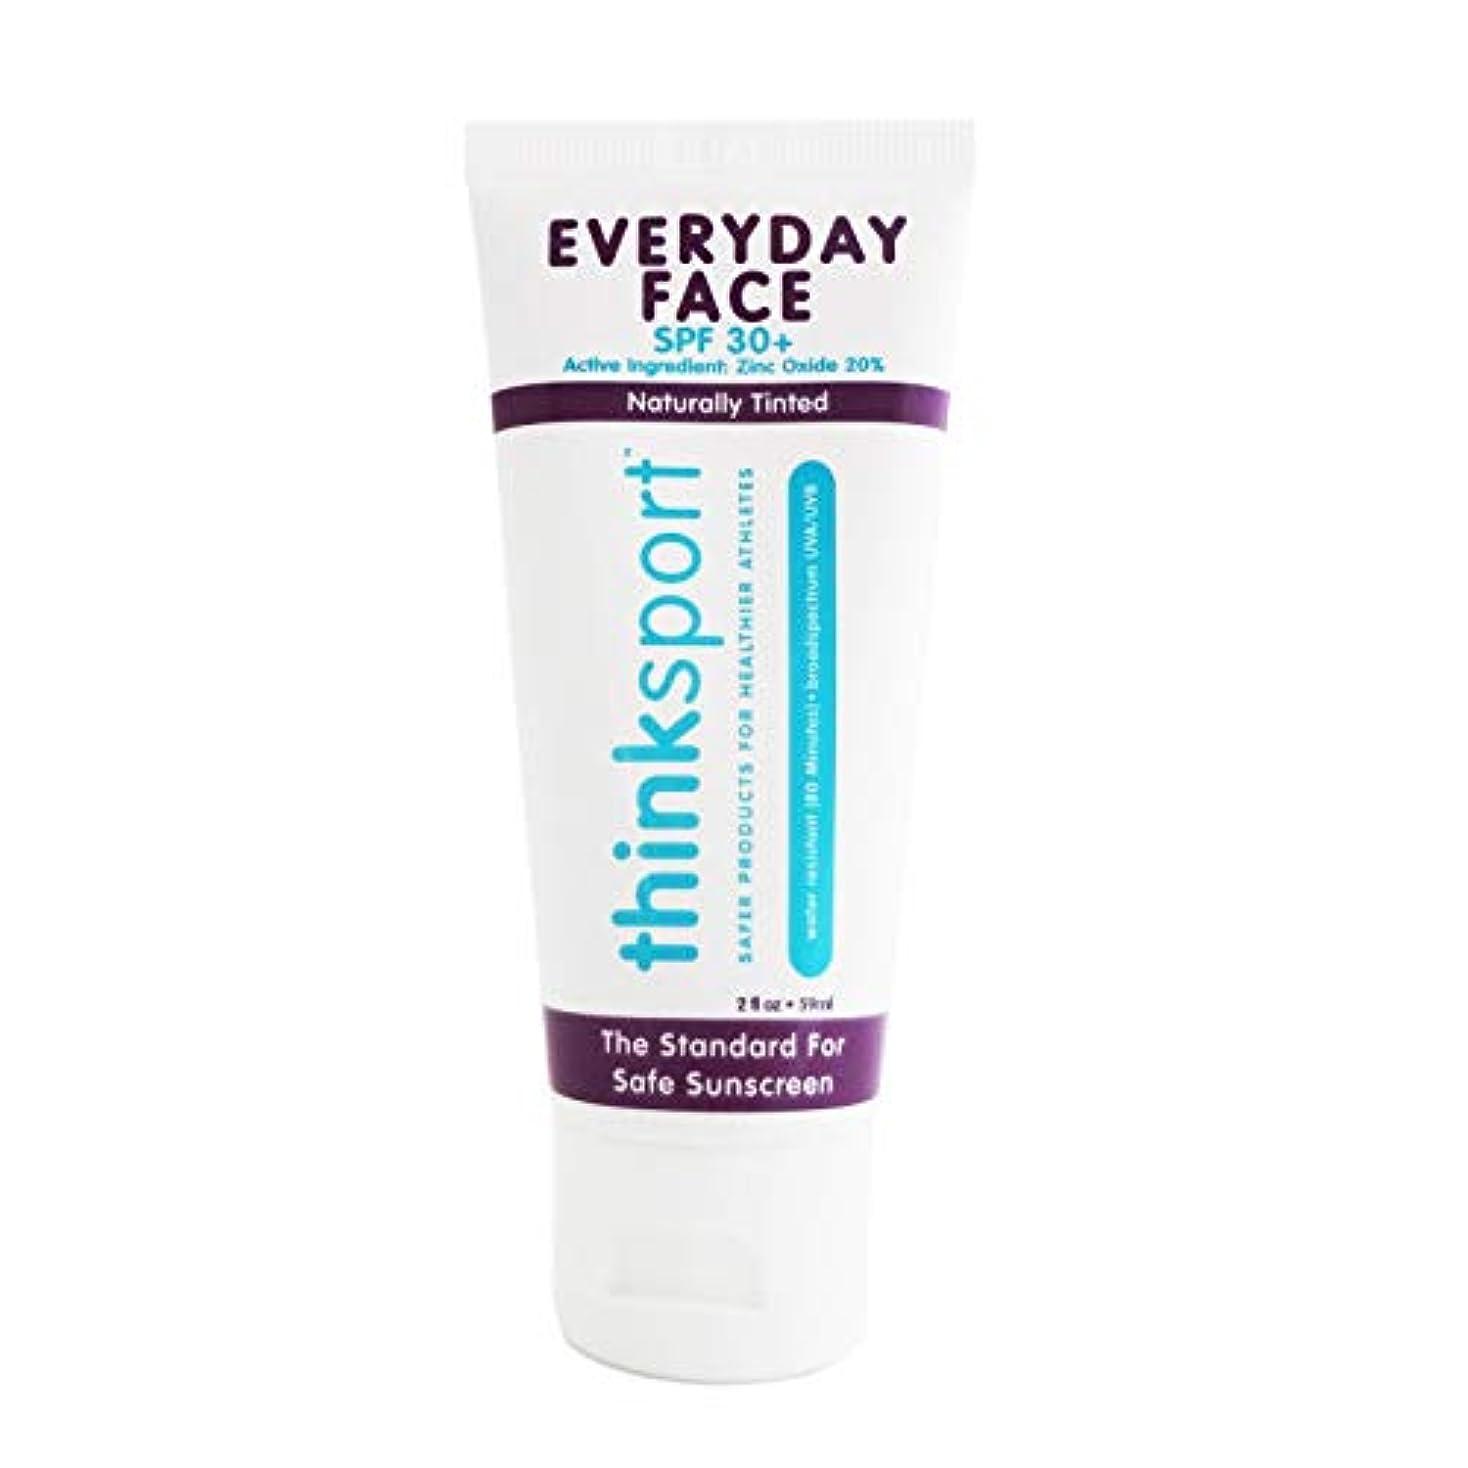 無力準備した検出可能Thinksport エブリデーフェイスサンスクリーン ナチュラルティント 59 ml 毎日のお顔用日焼け止め 自然な肌色